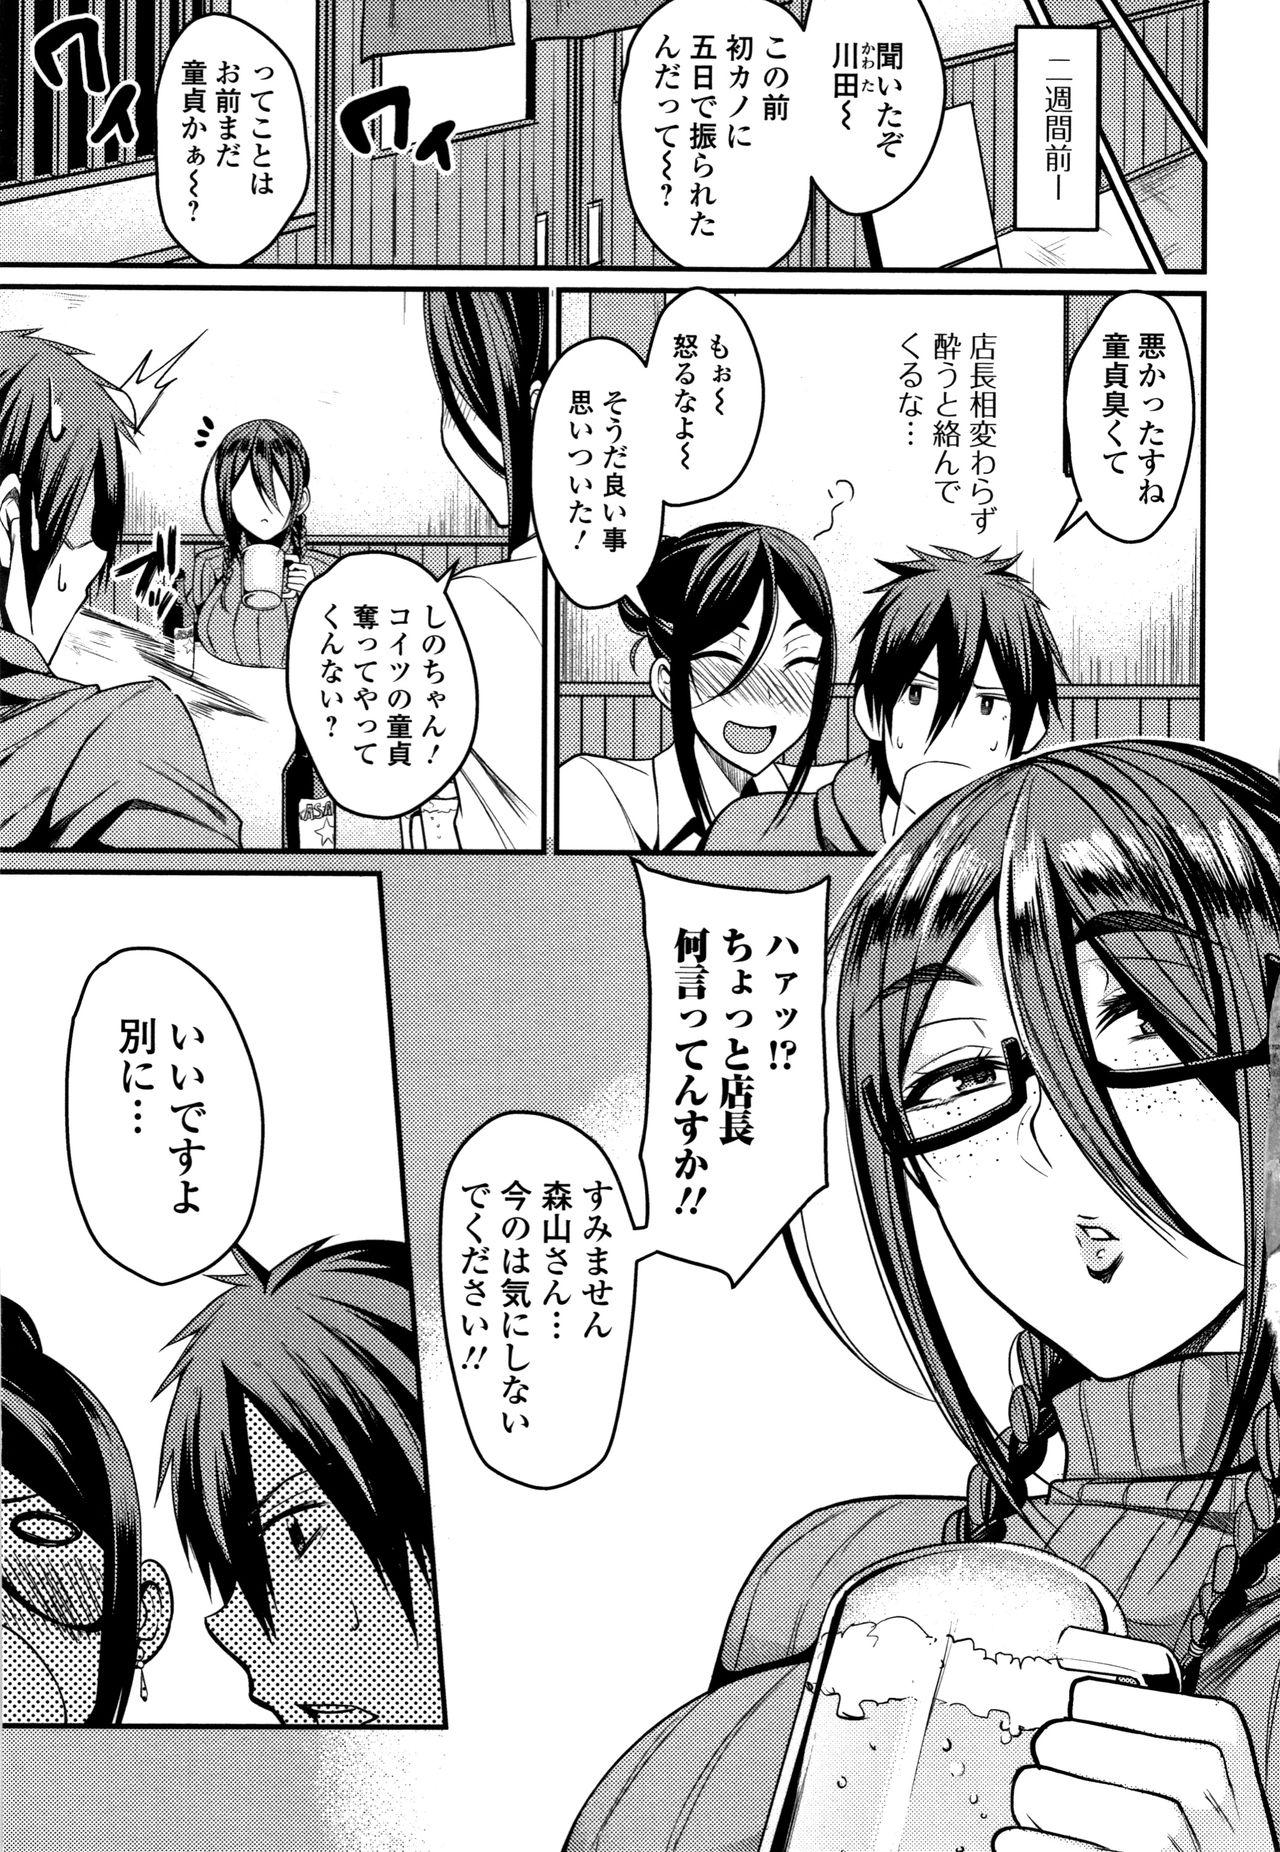 Tsuma Chichi Temptation 8